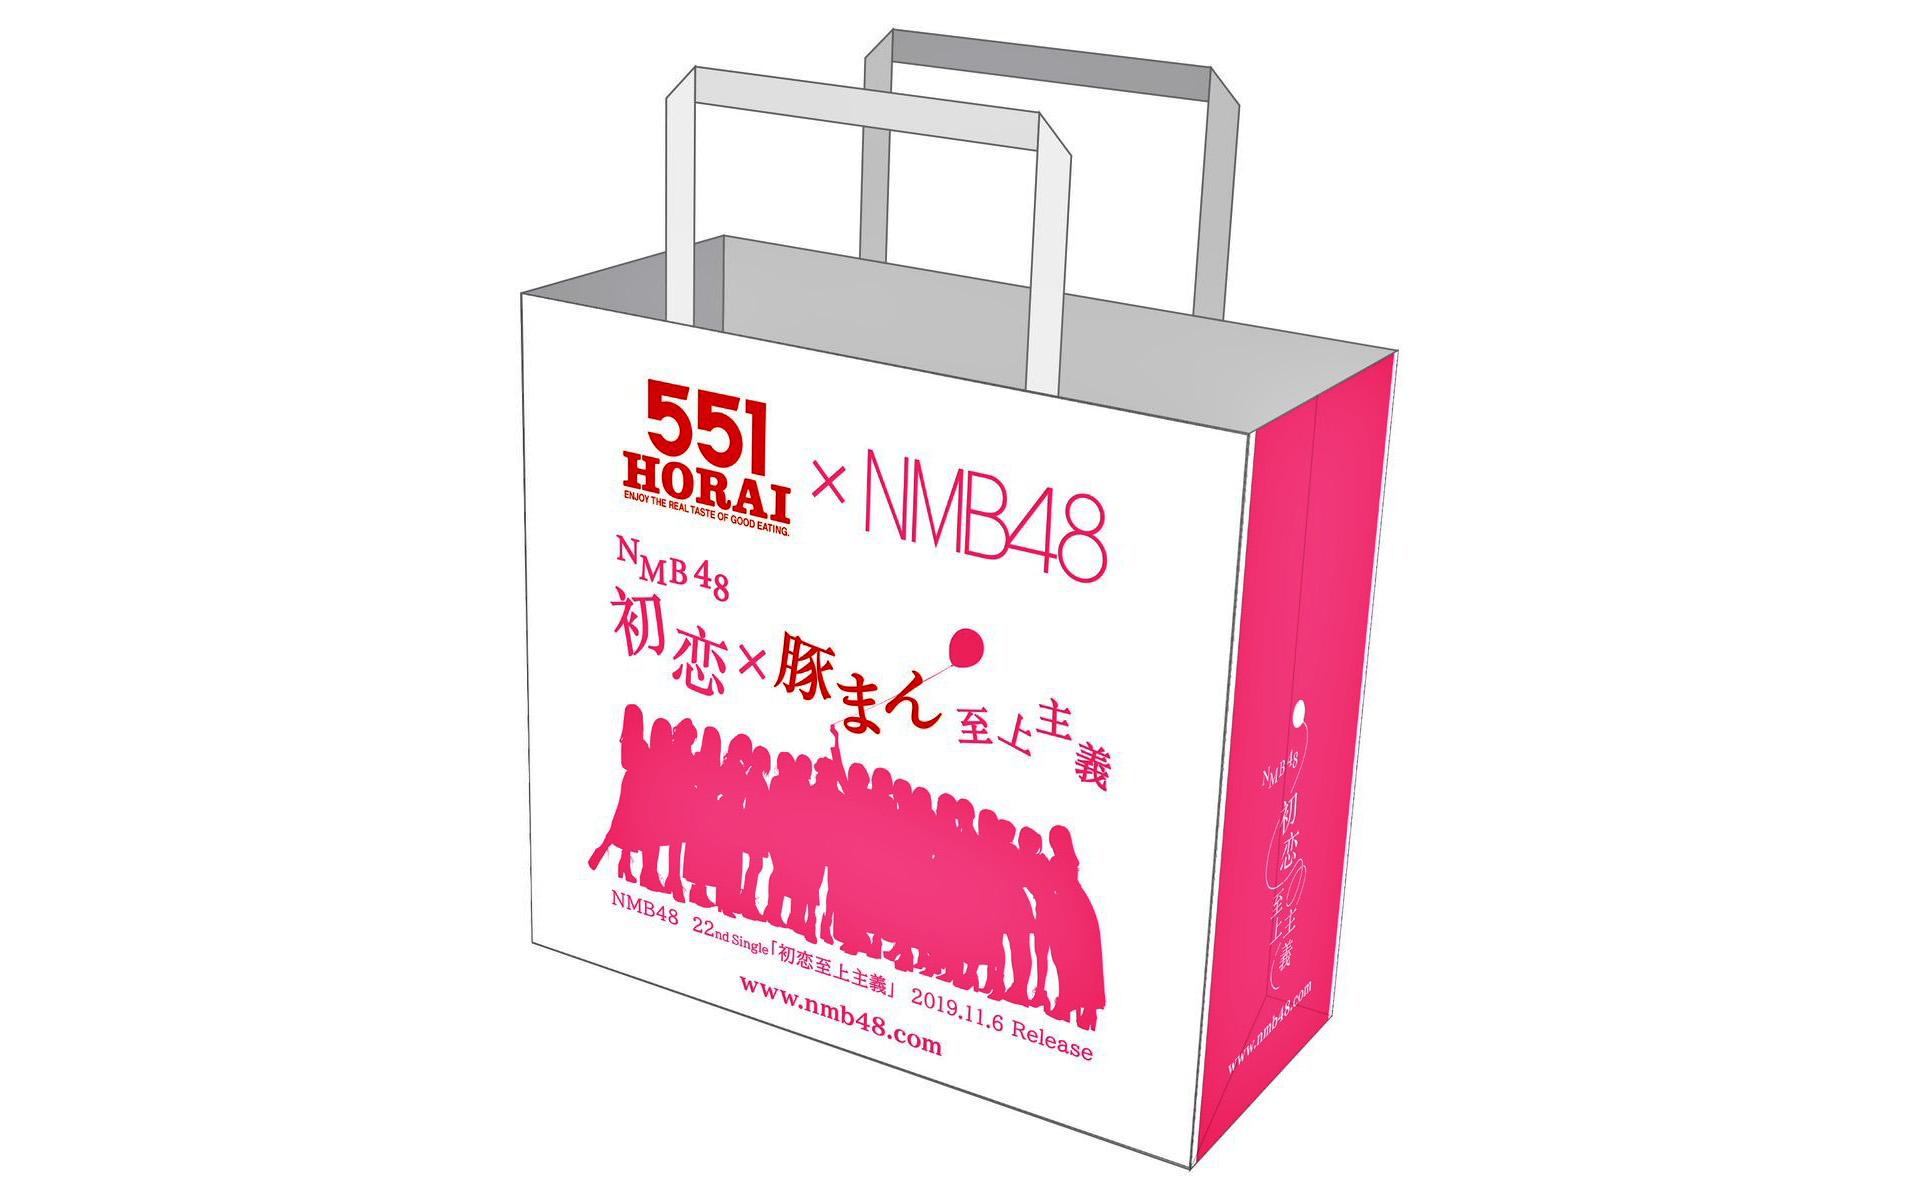 【NMB48】「初恋至上主義」発売記念で「NMB48×551蓬莱」コラボ紙袋「初恋×豚まん至上主義」が11月9日からなんばウォーク店で配布